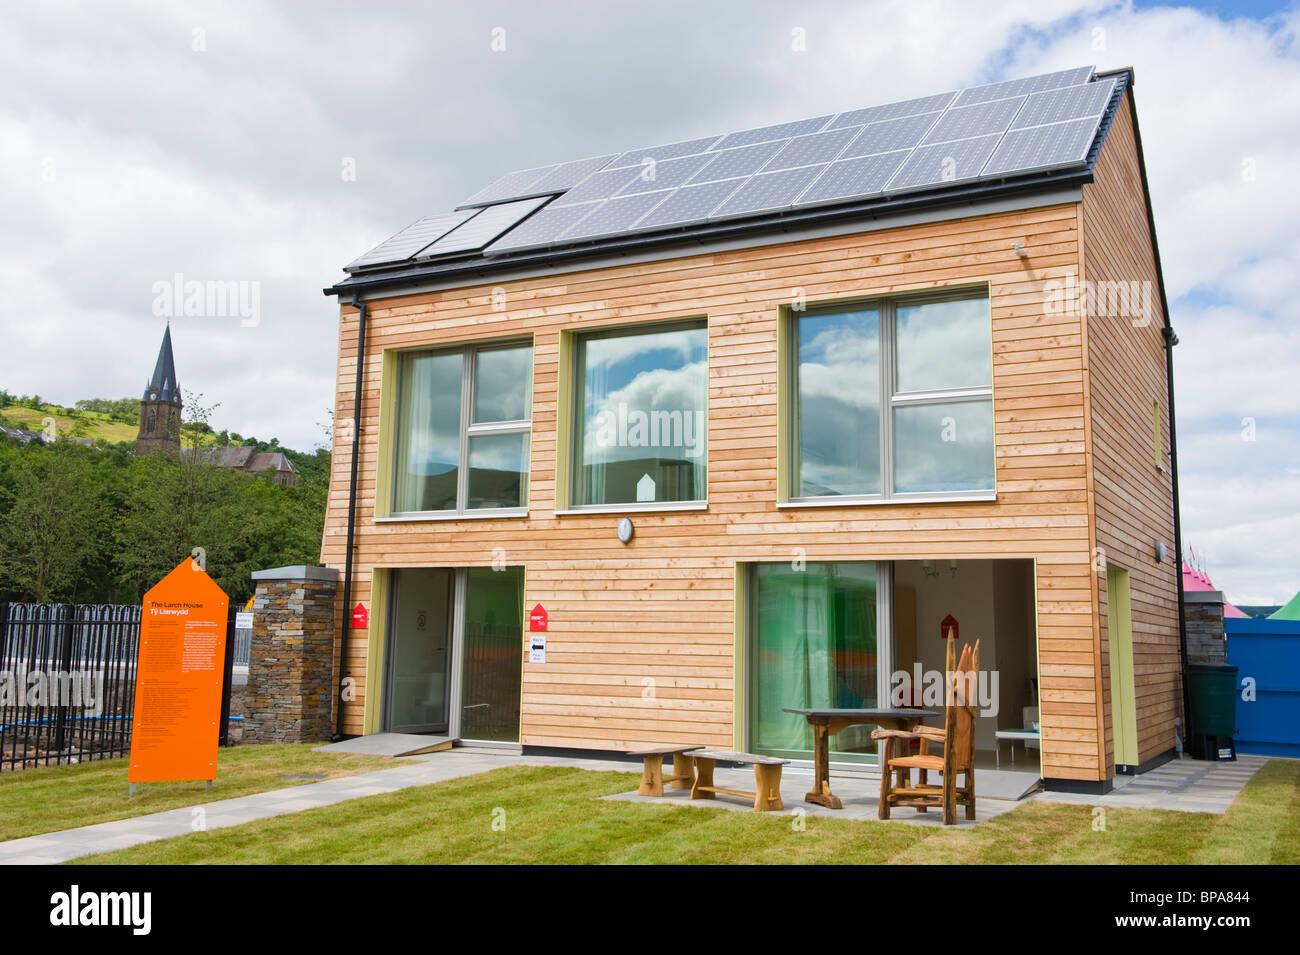 Zéro Carbone plaqué bois maison passive avec triple vitrage et le toit recouvert de panneaux solaires Photo Stock